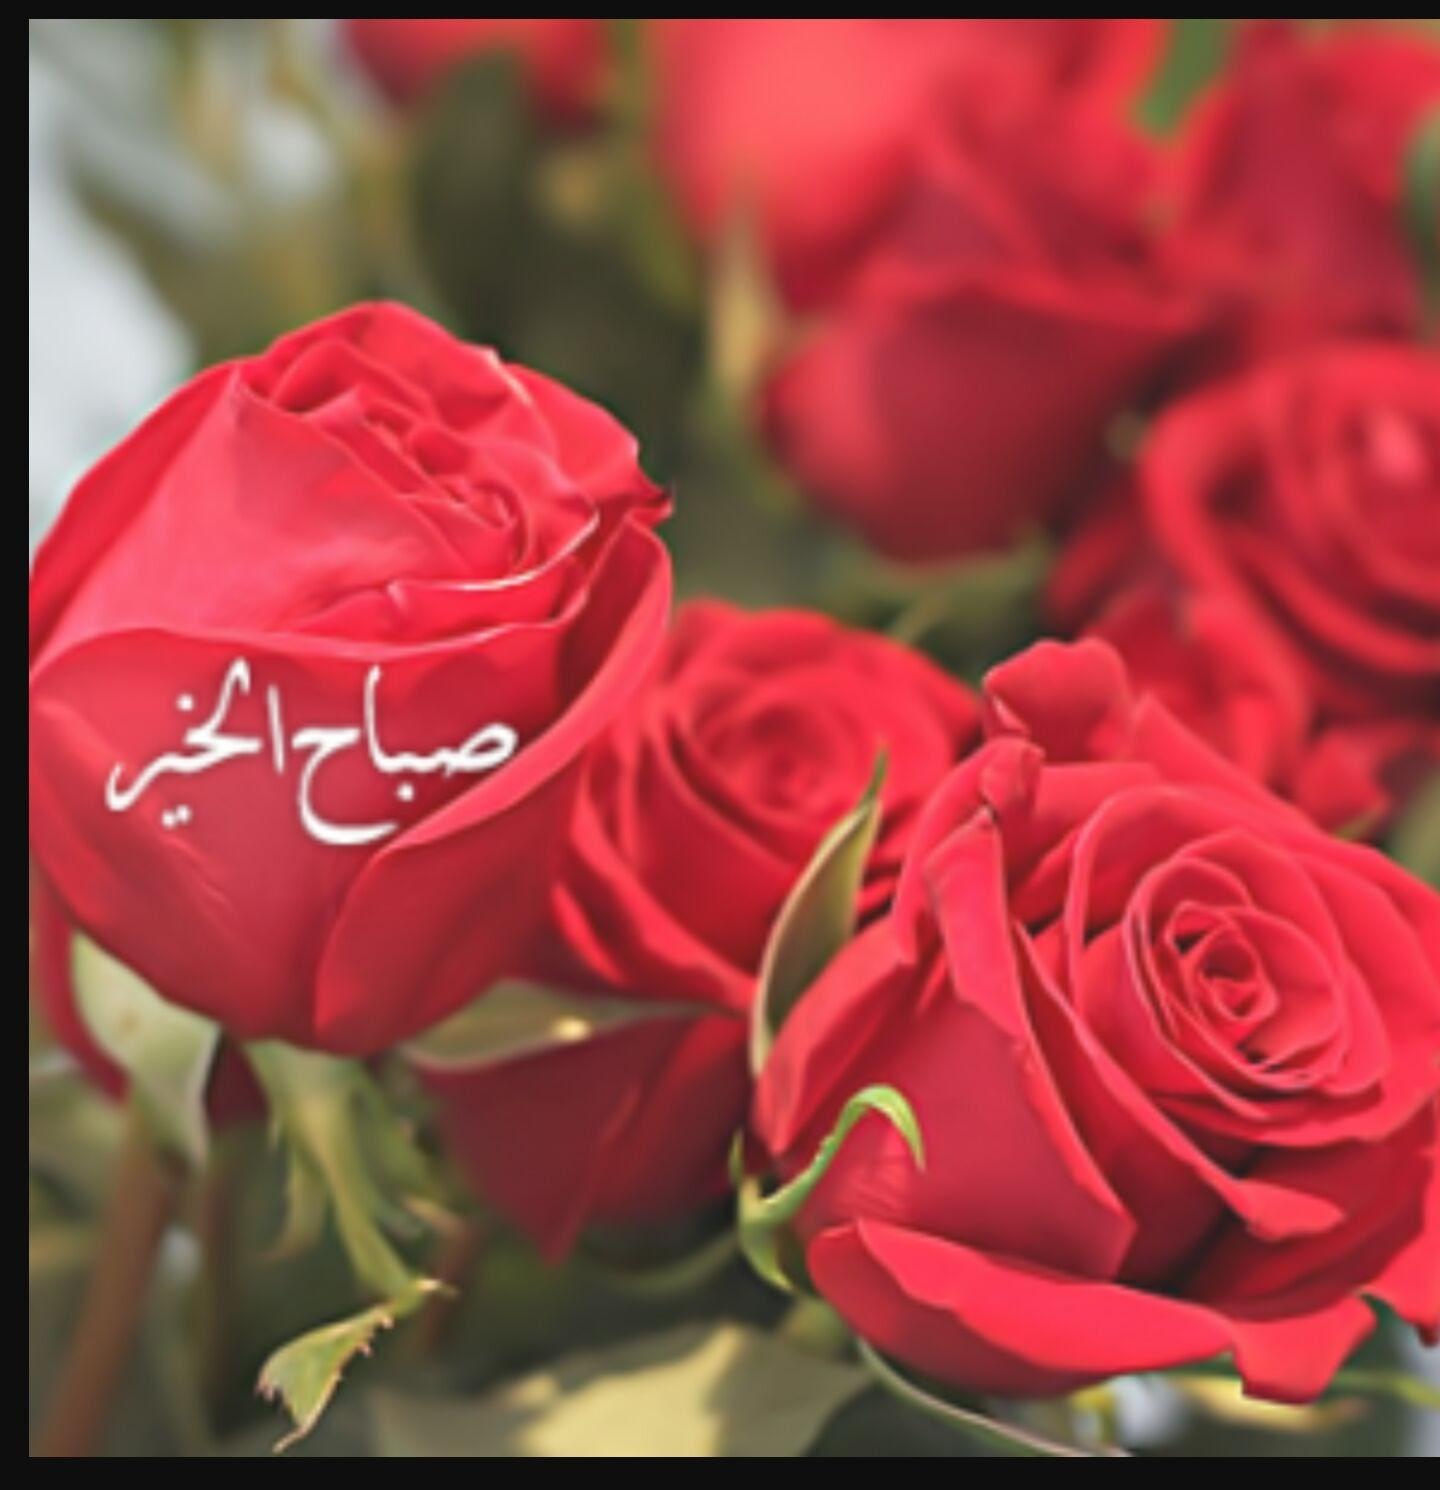 صوره صباح الورد حبيبي , عبارات لبداية اليوم للحبيب